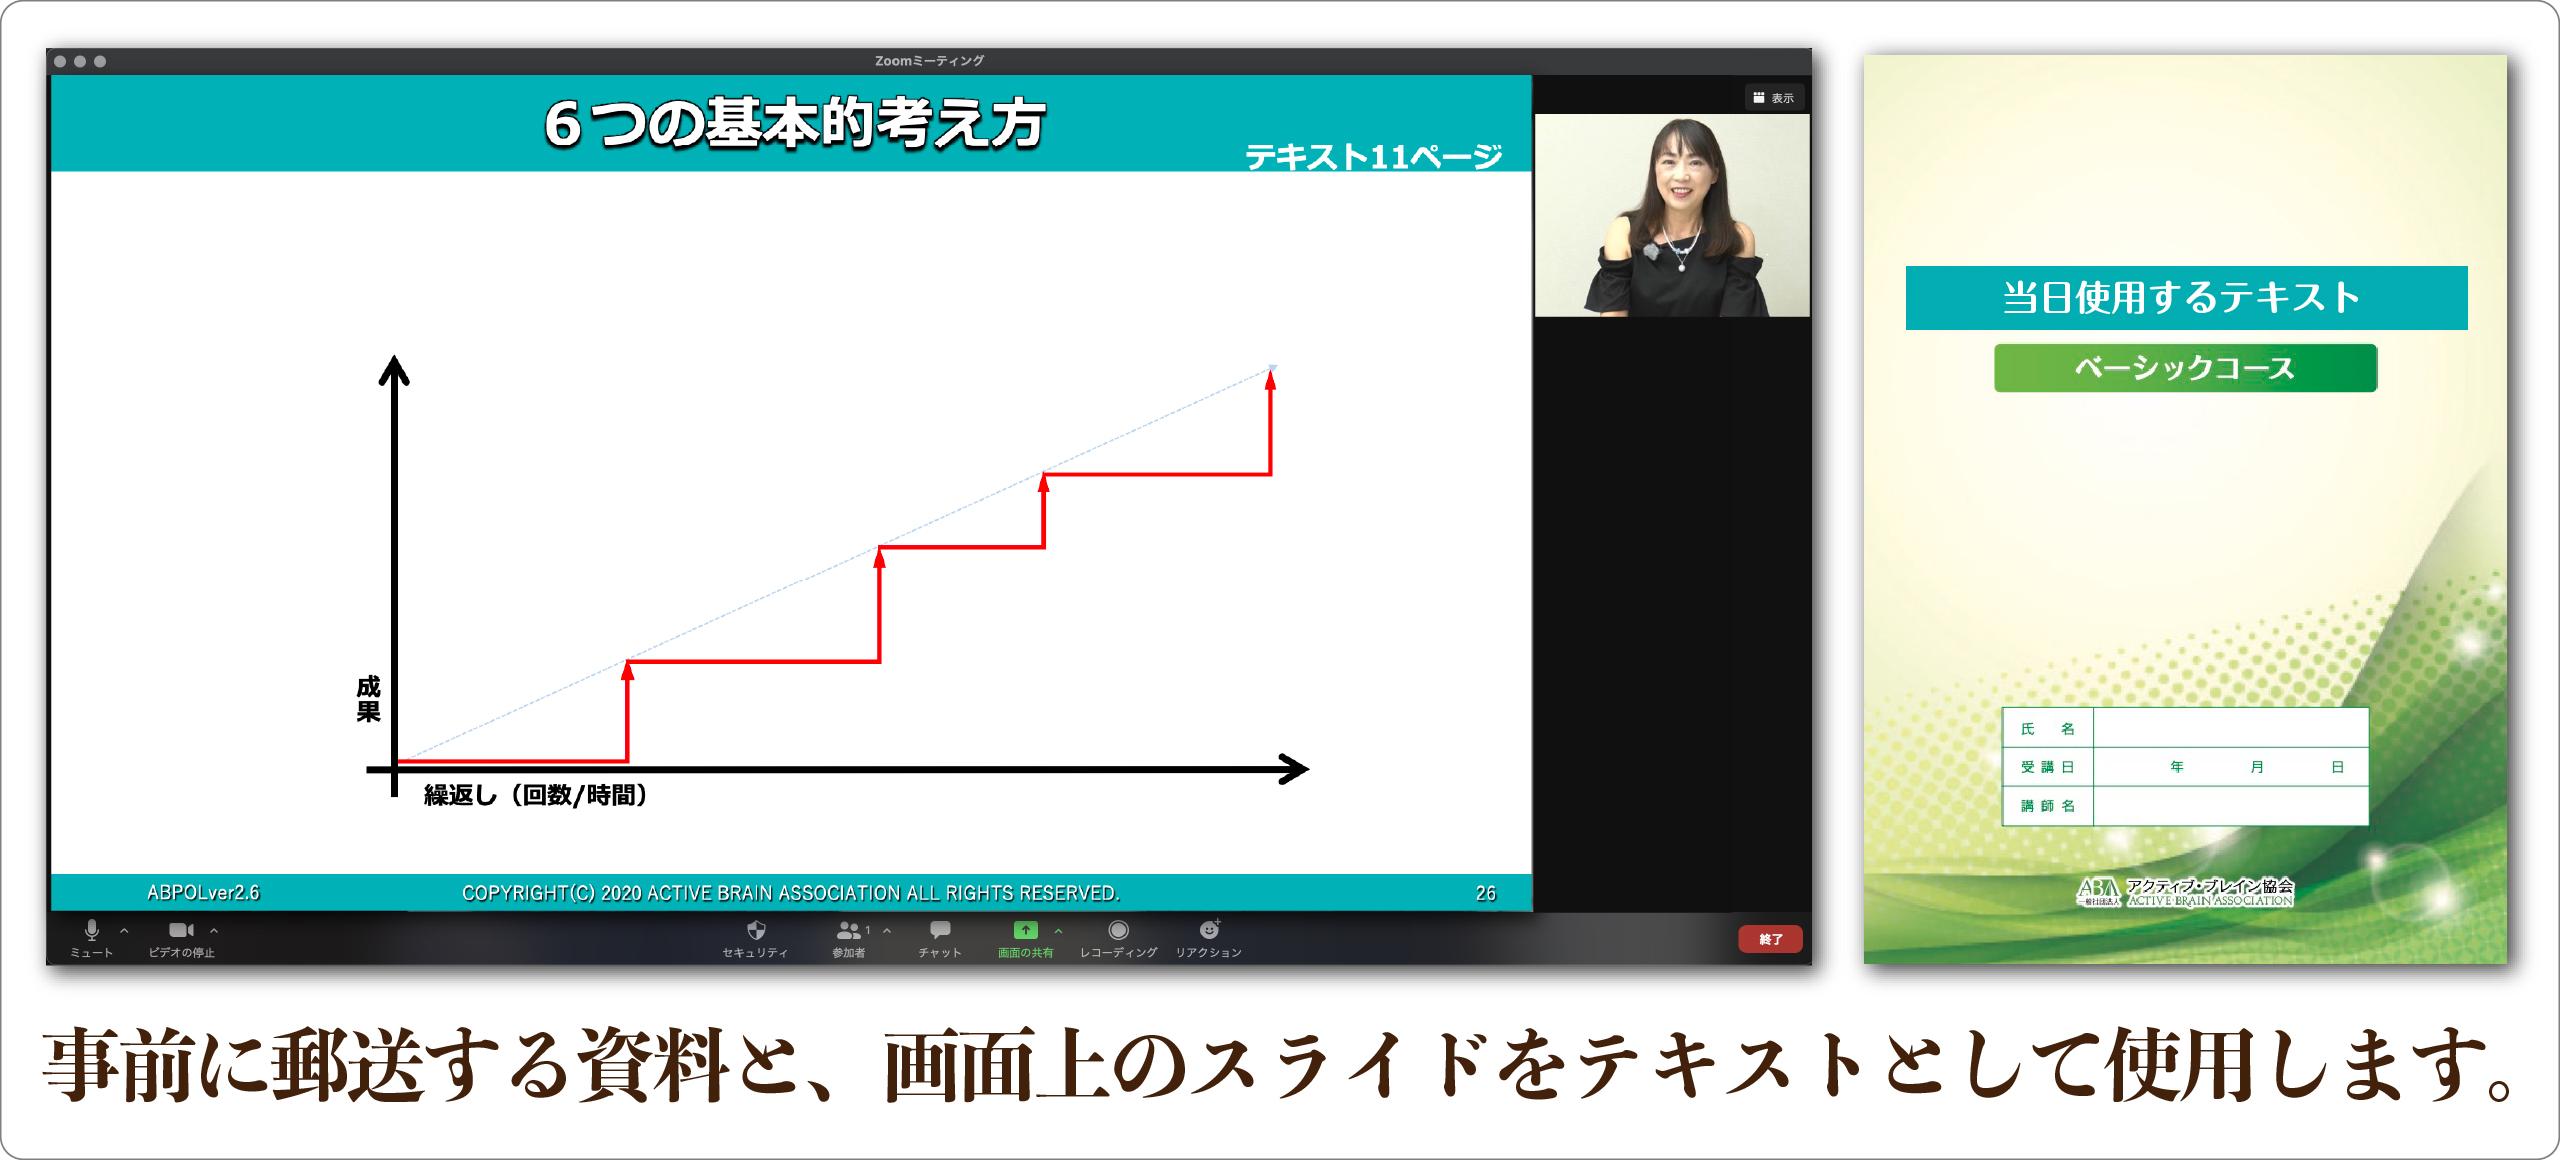 事前に郵送する資料と、画面上のスライドをテキストとして使用します。